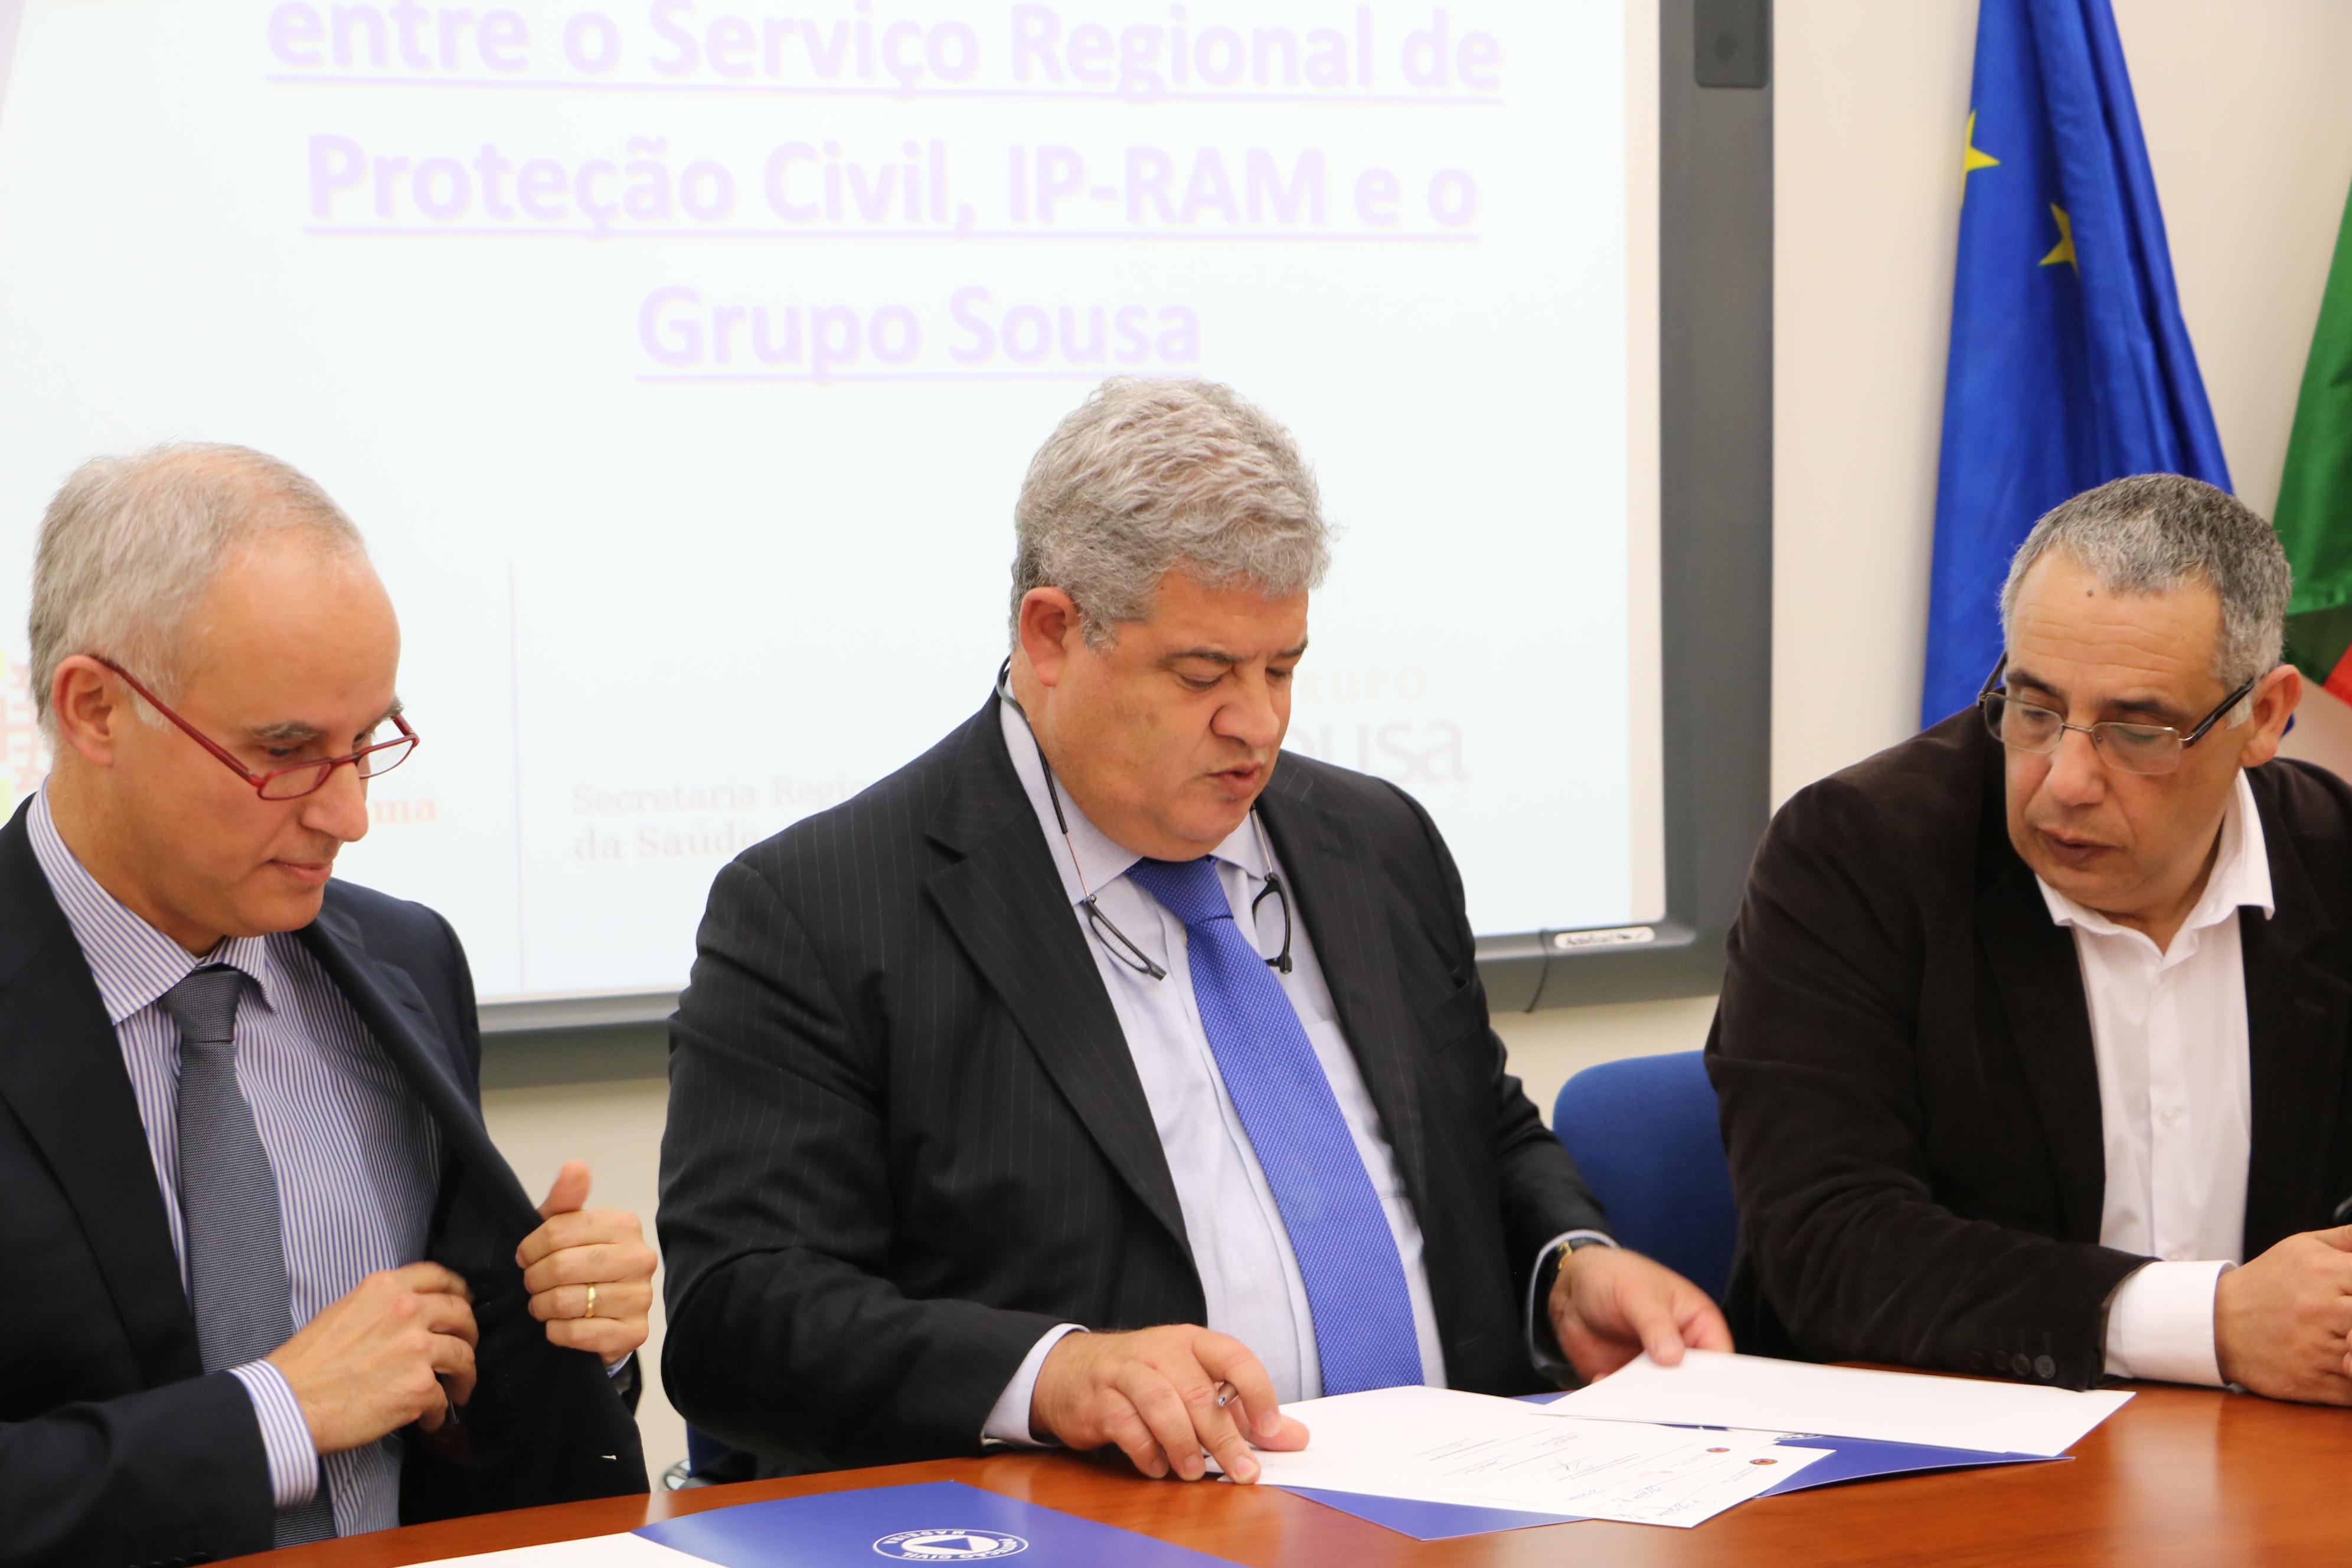 Pedro Ramos reafirma compromisso sério do Governo para com a população